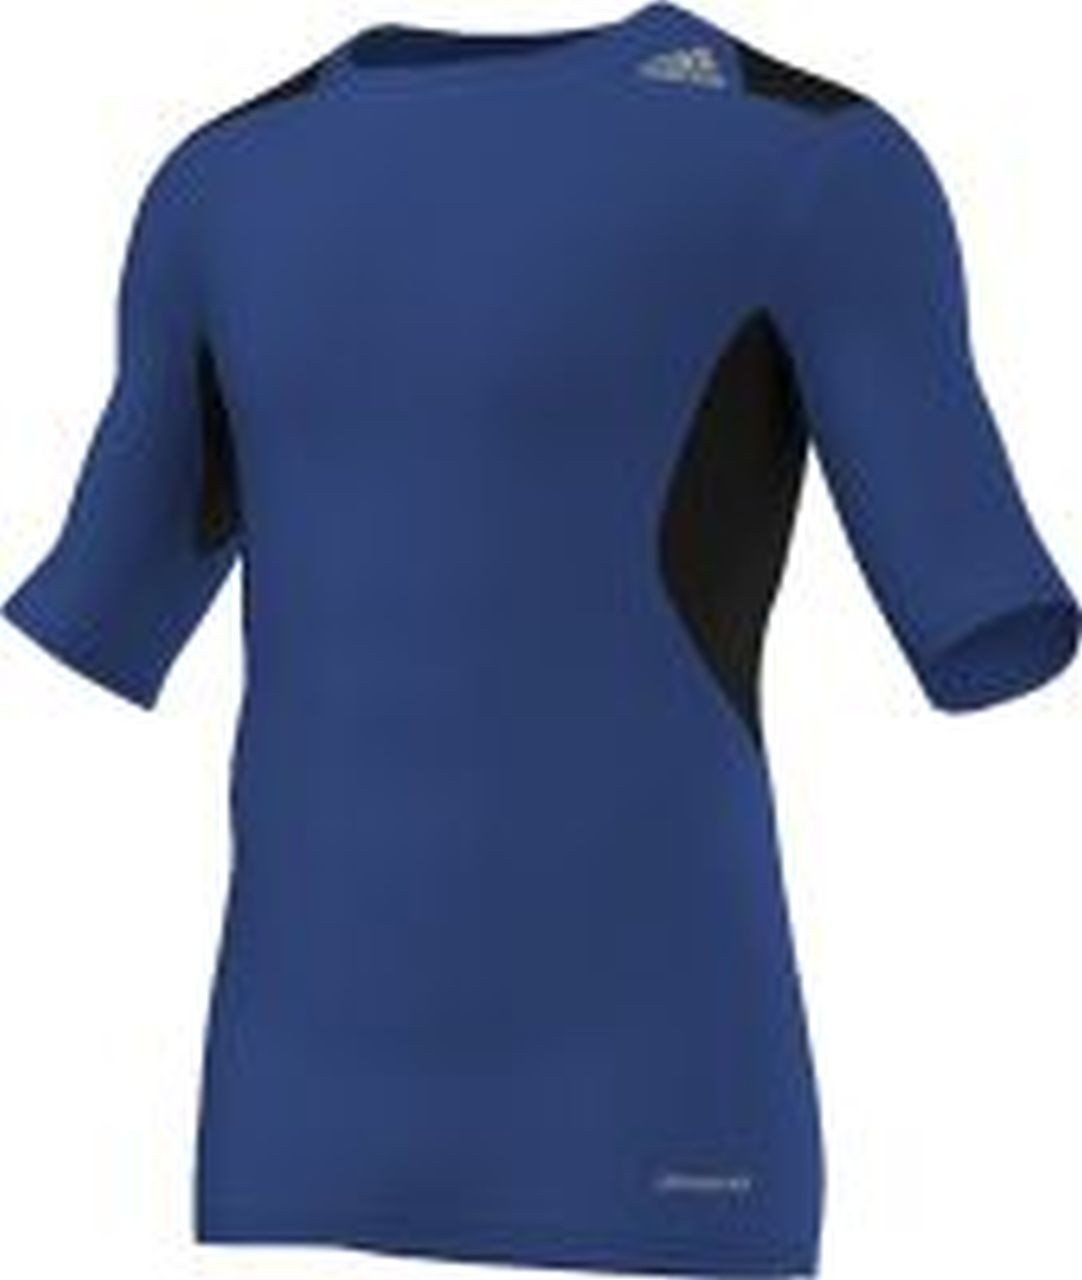 Adidas Techfit Power męska koszulka funkcyjna z krótkim rękawem, niebieski/czarny, XL